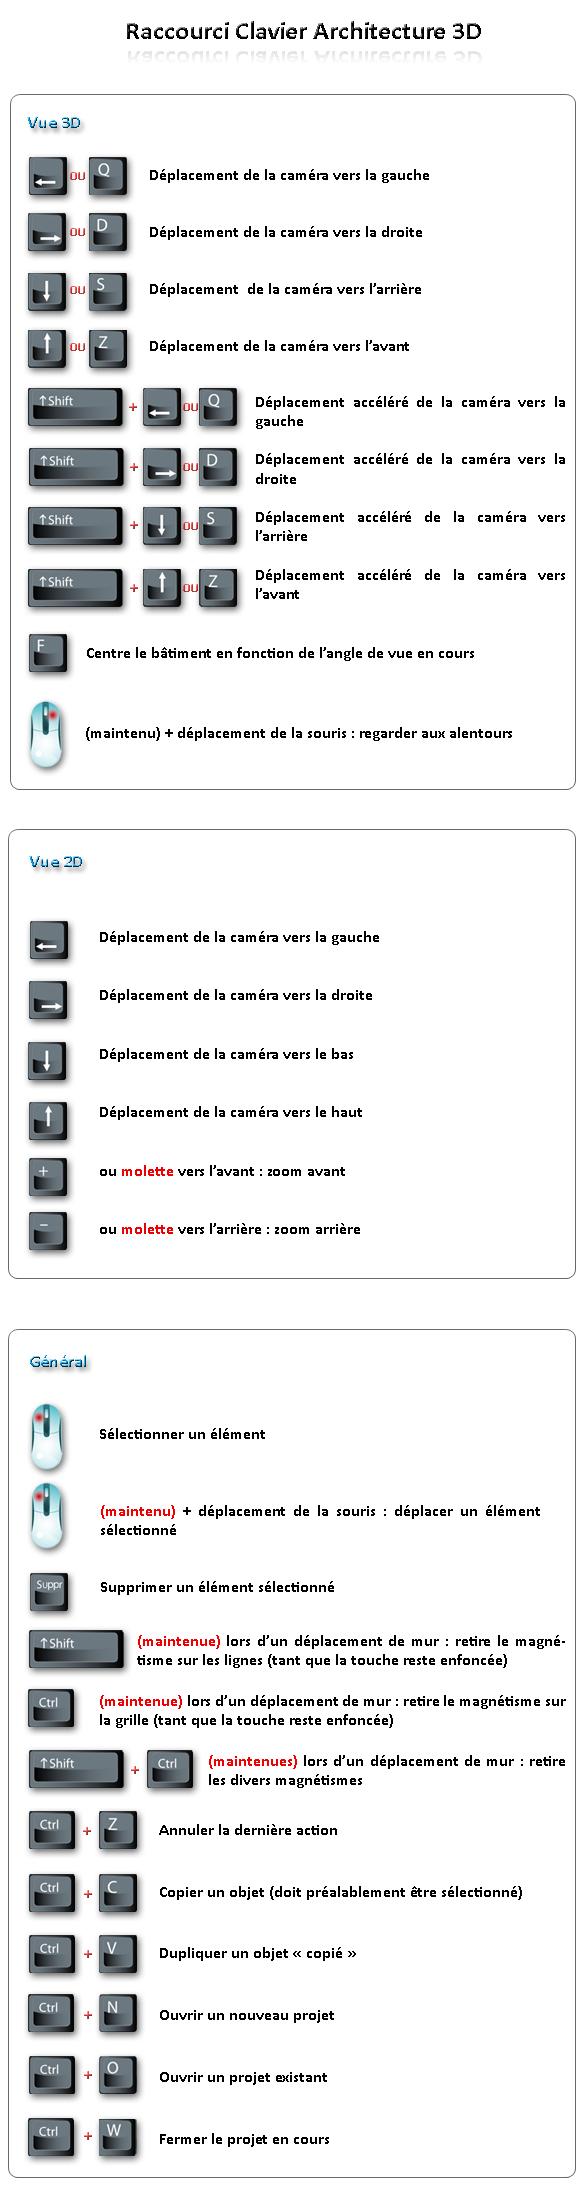 Livecad architecture 3d tutoriaux raccourci clavier for Comparatif logiciel architecture